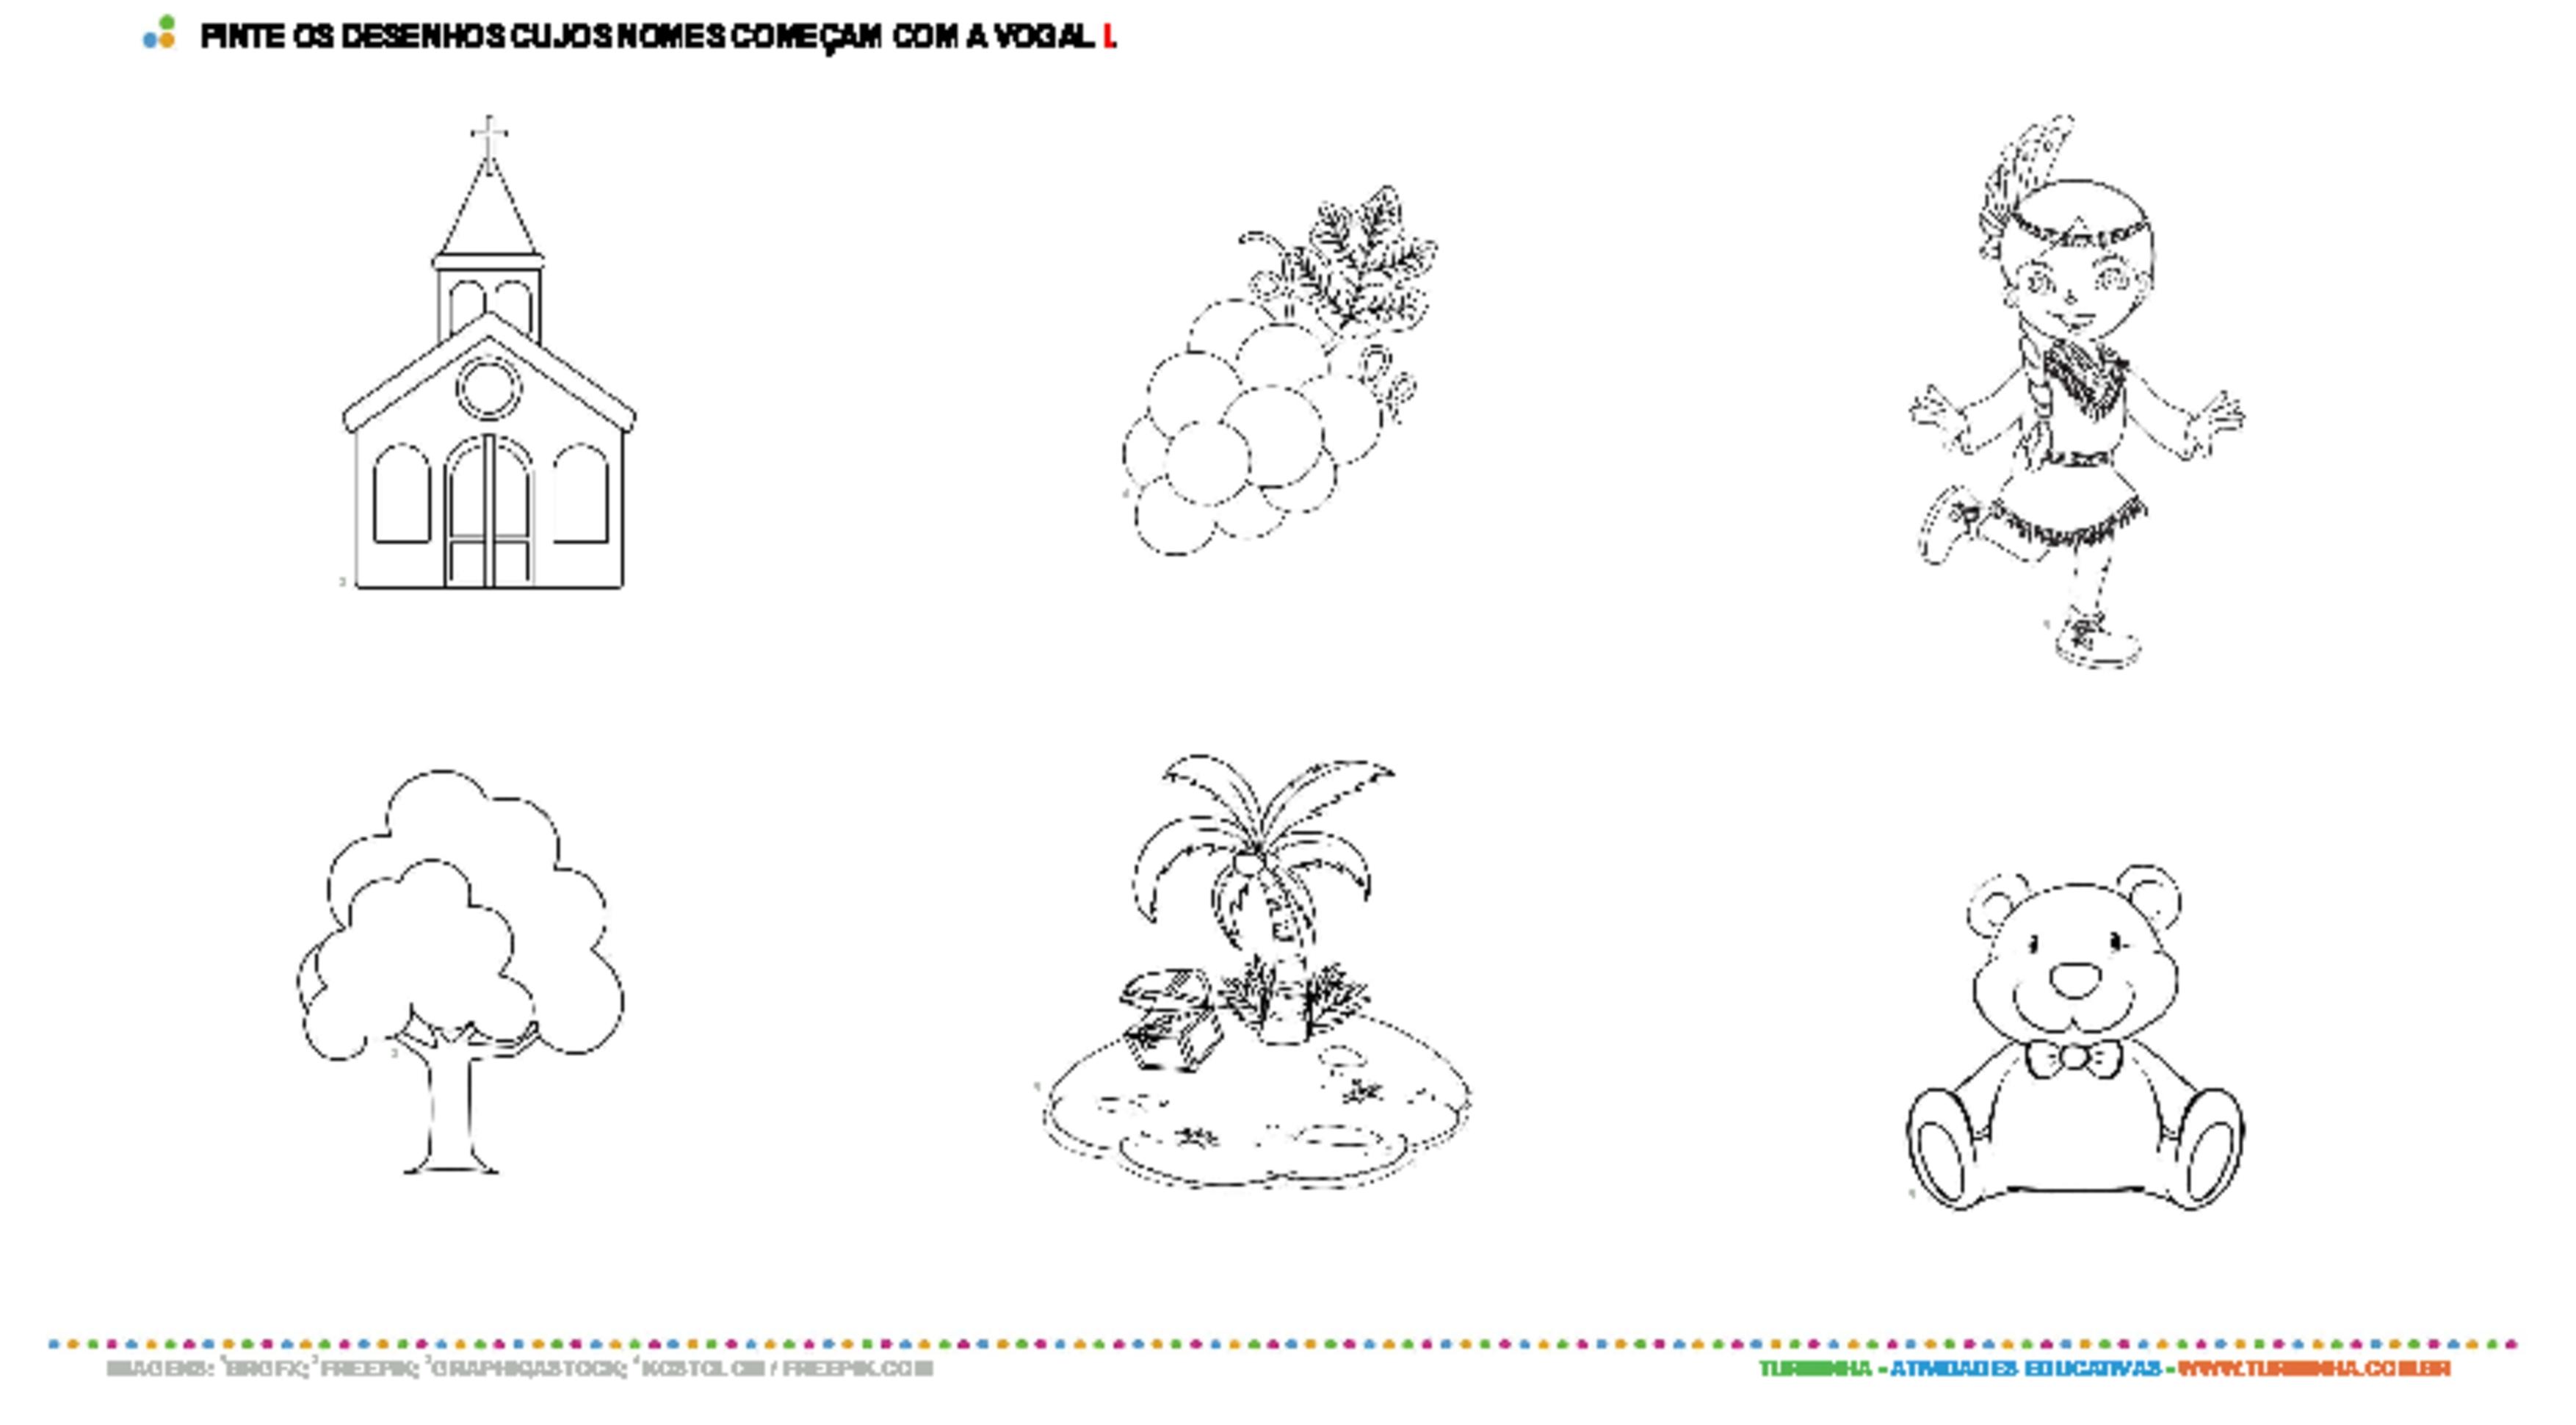 Colorindo desenhos com a vogal I - atividade educativa para Pré-Escola (4 e 5 anos)